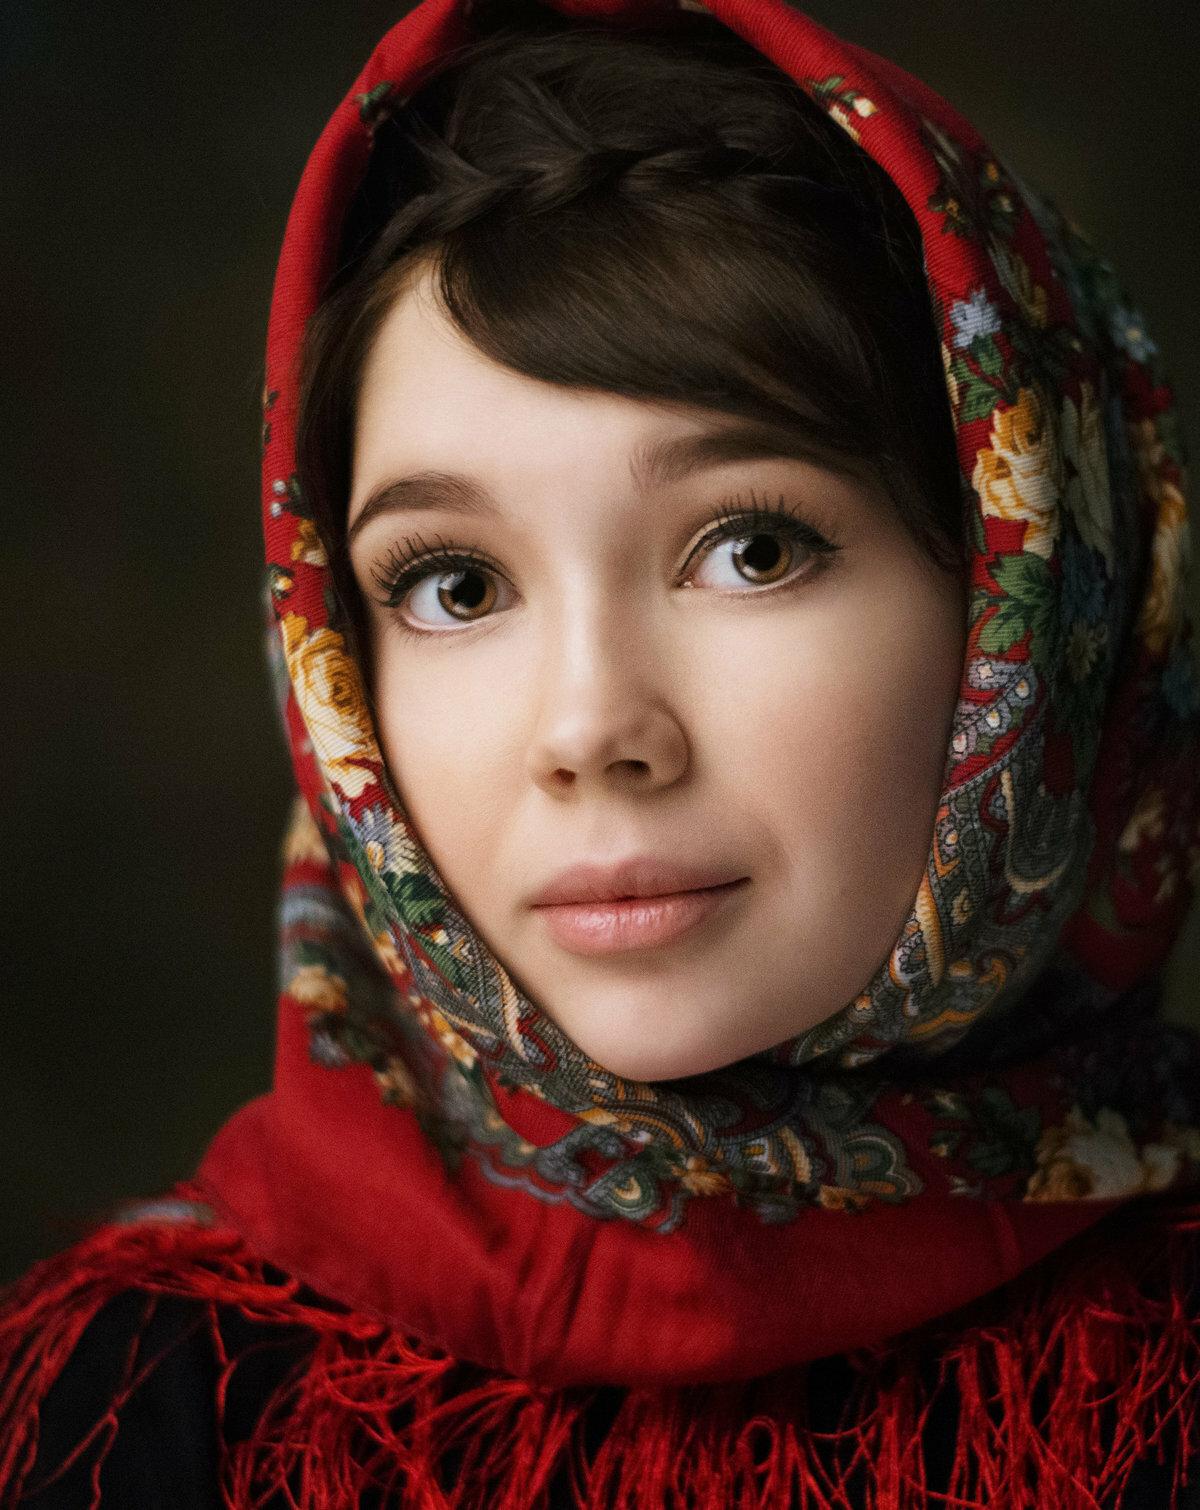 Фото в платке девушек